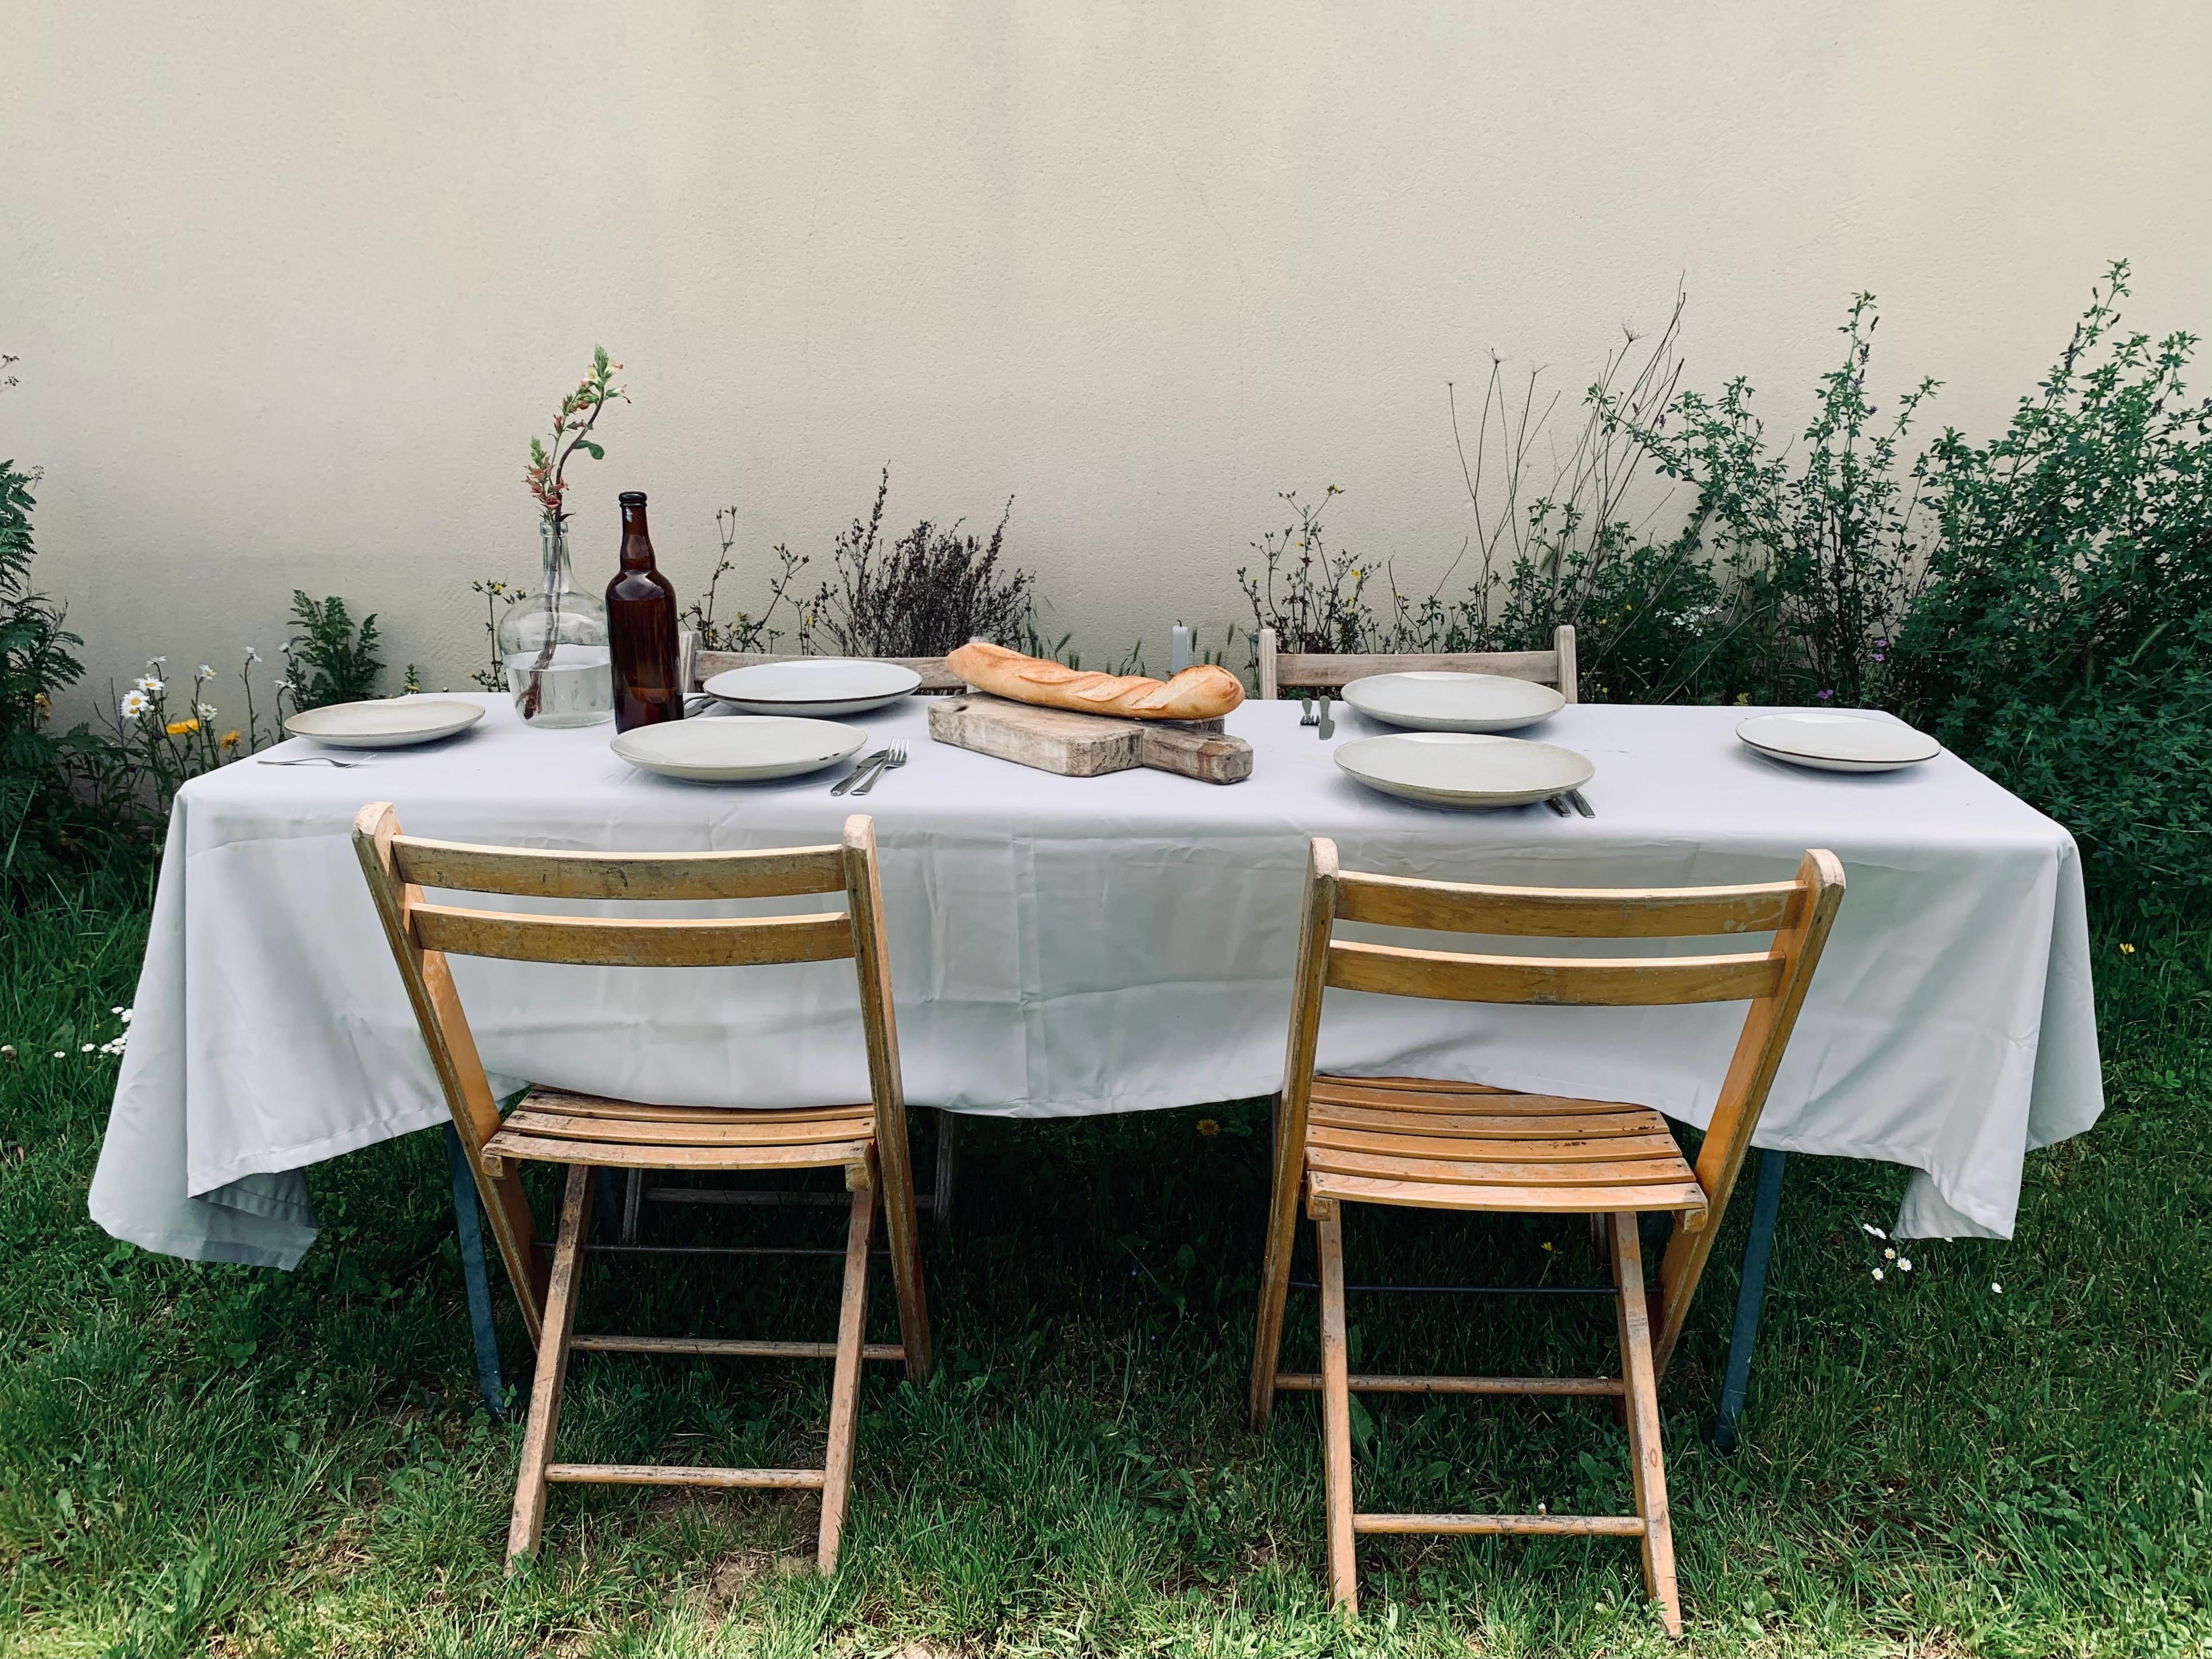 TABLE D'HÔTE